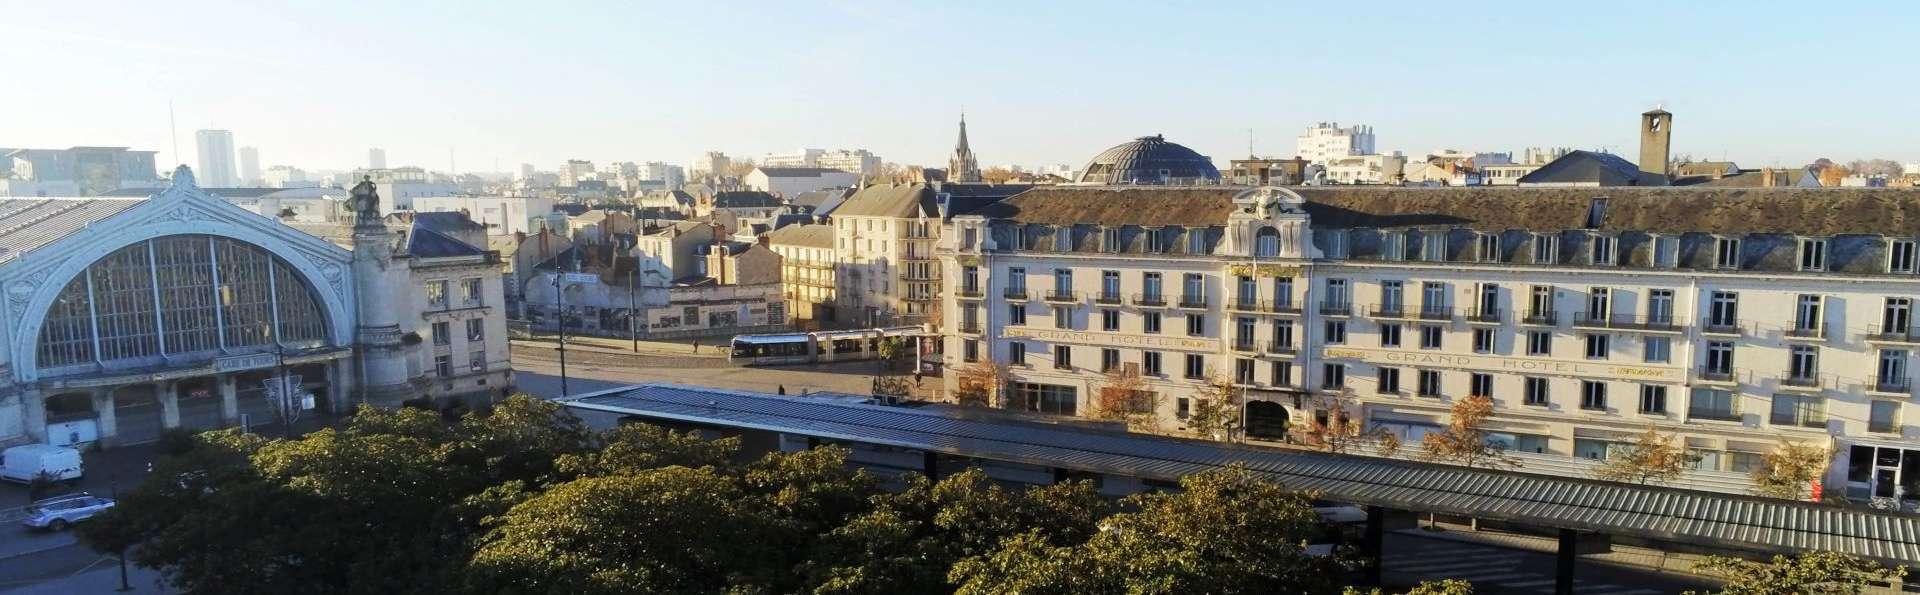 Le Grand Hôtel de Tours - P1100117__002_.jpg